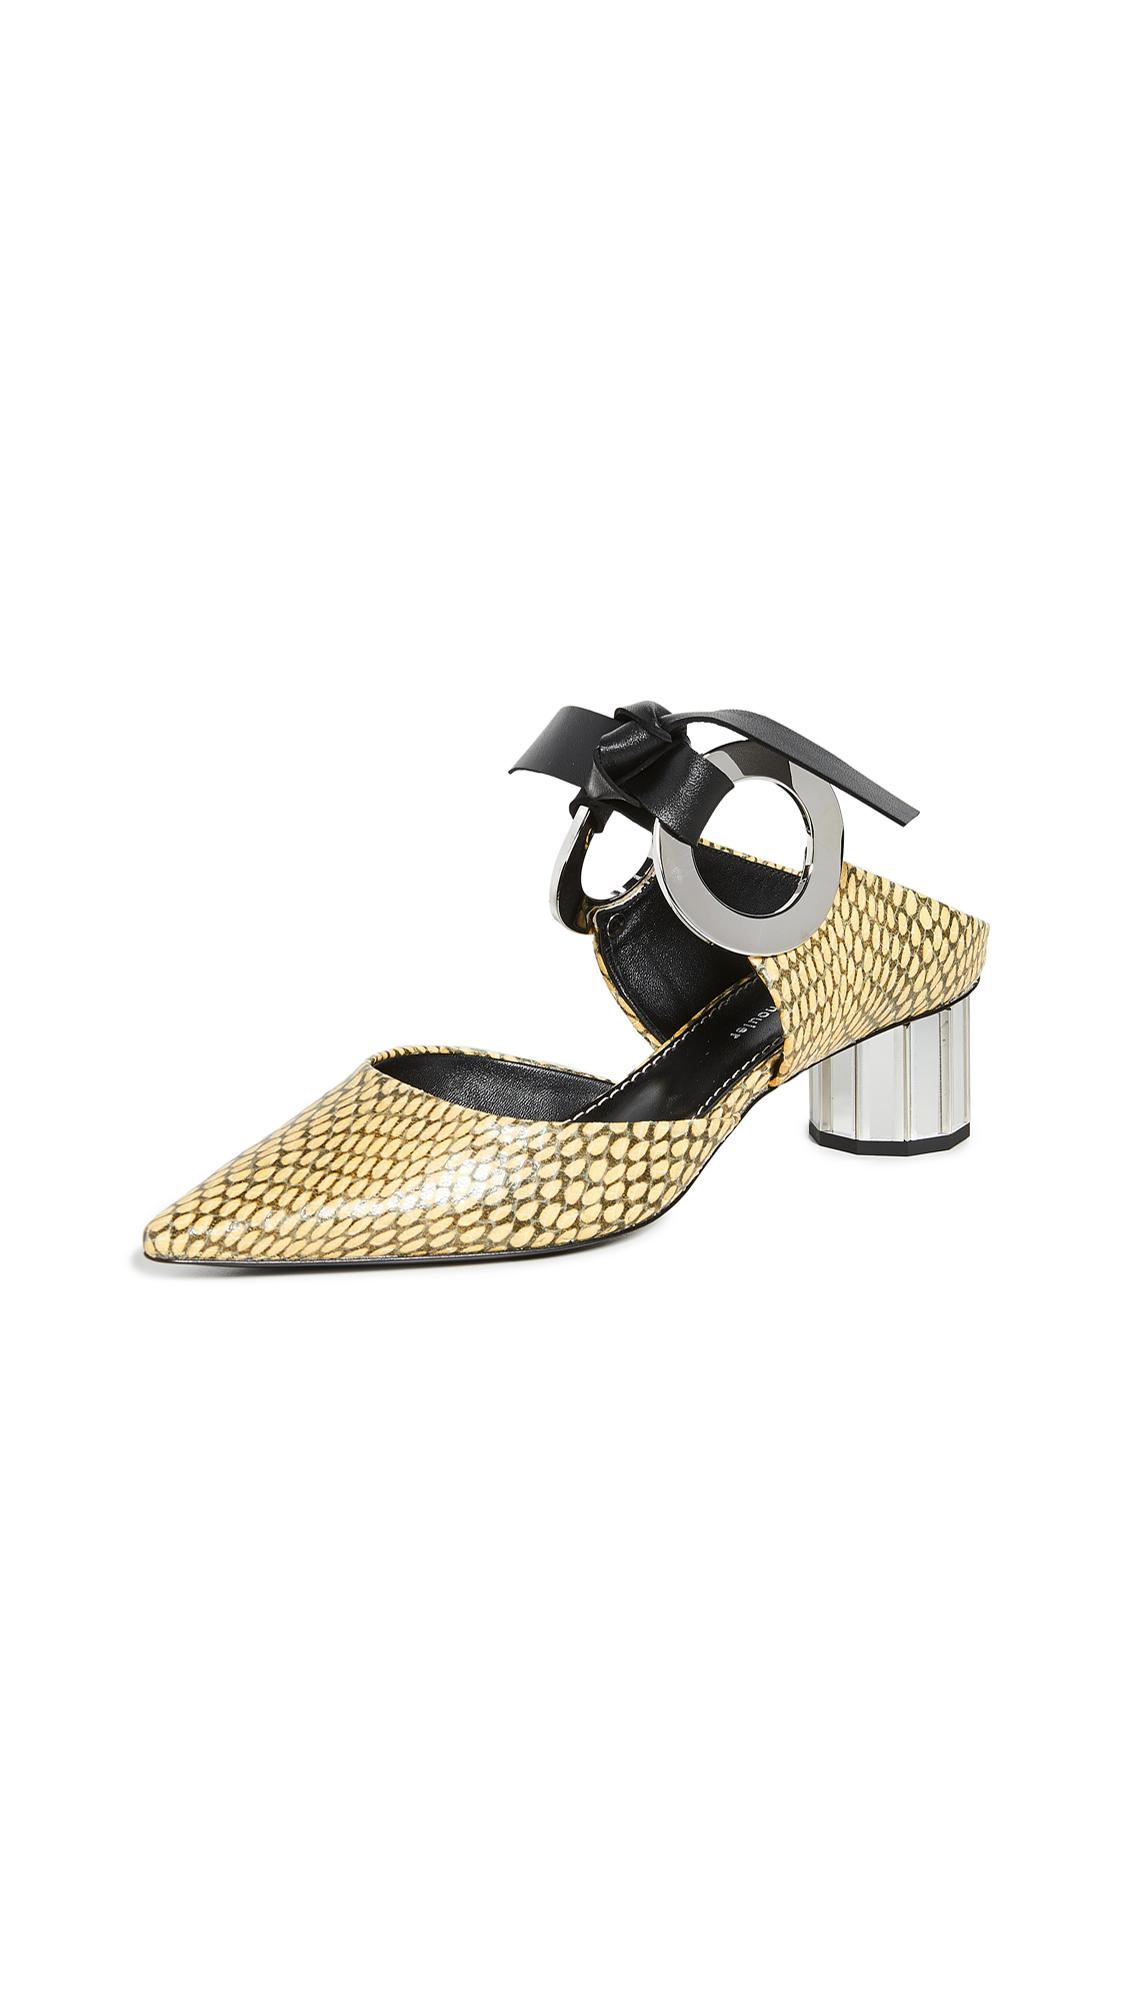 Proenza Schouler Front Tie Mules - 50% Off Sale